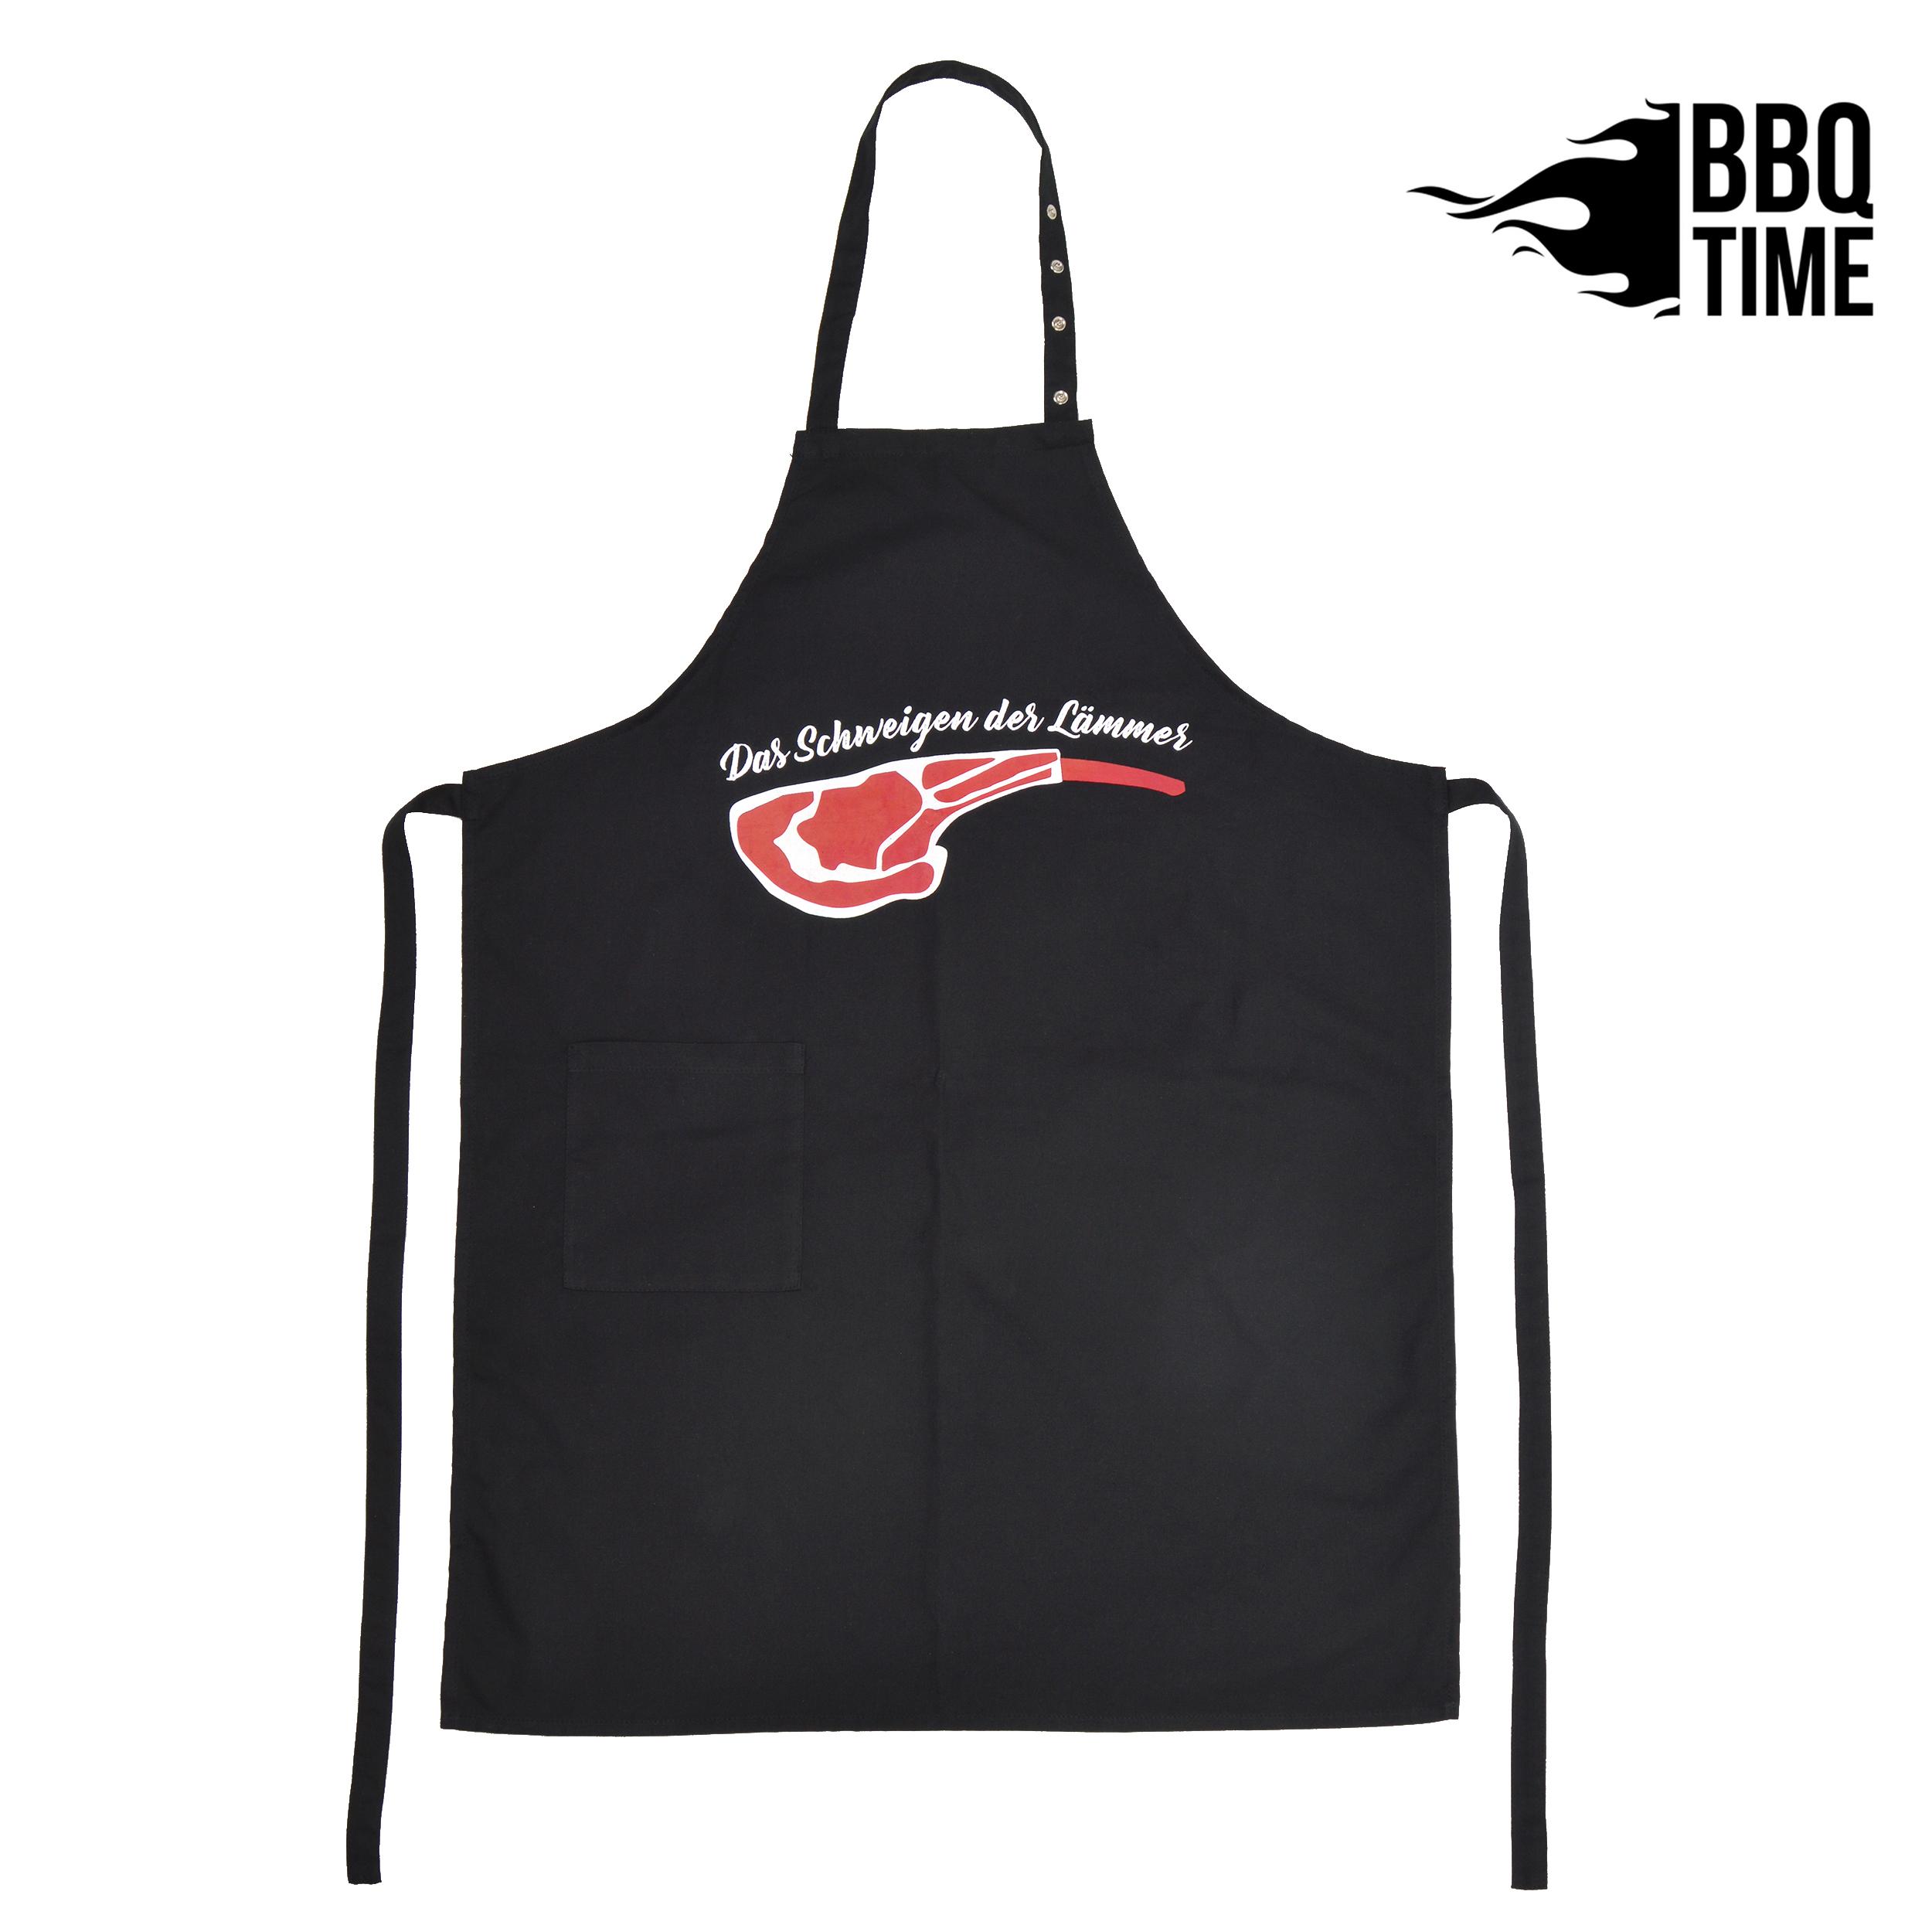 Grillschürze BBQ TIME - Das Schweigen der Lämmer